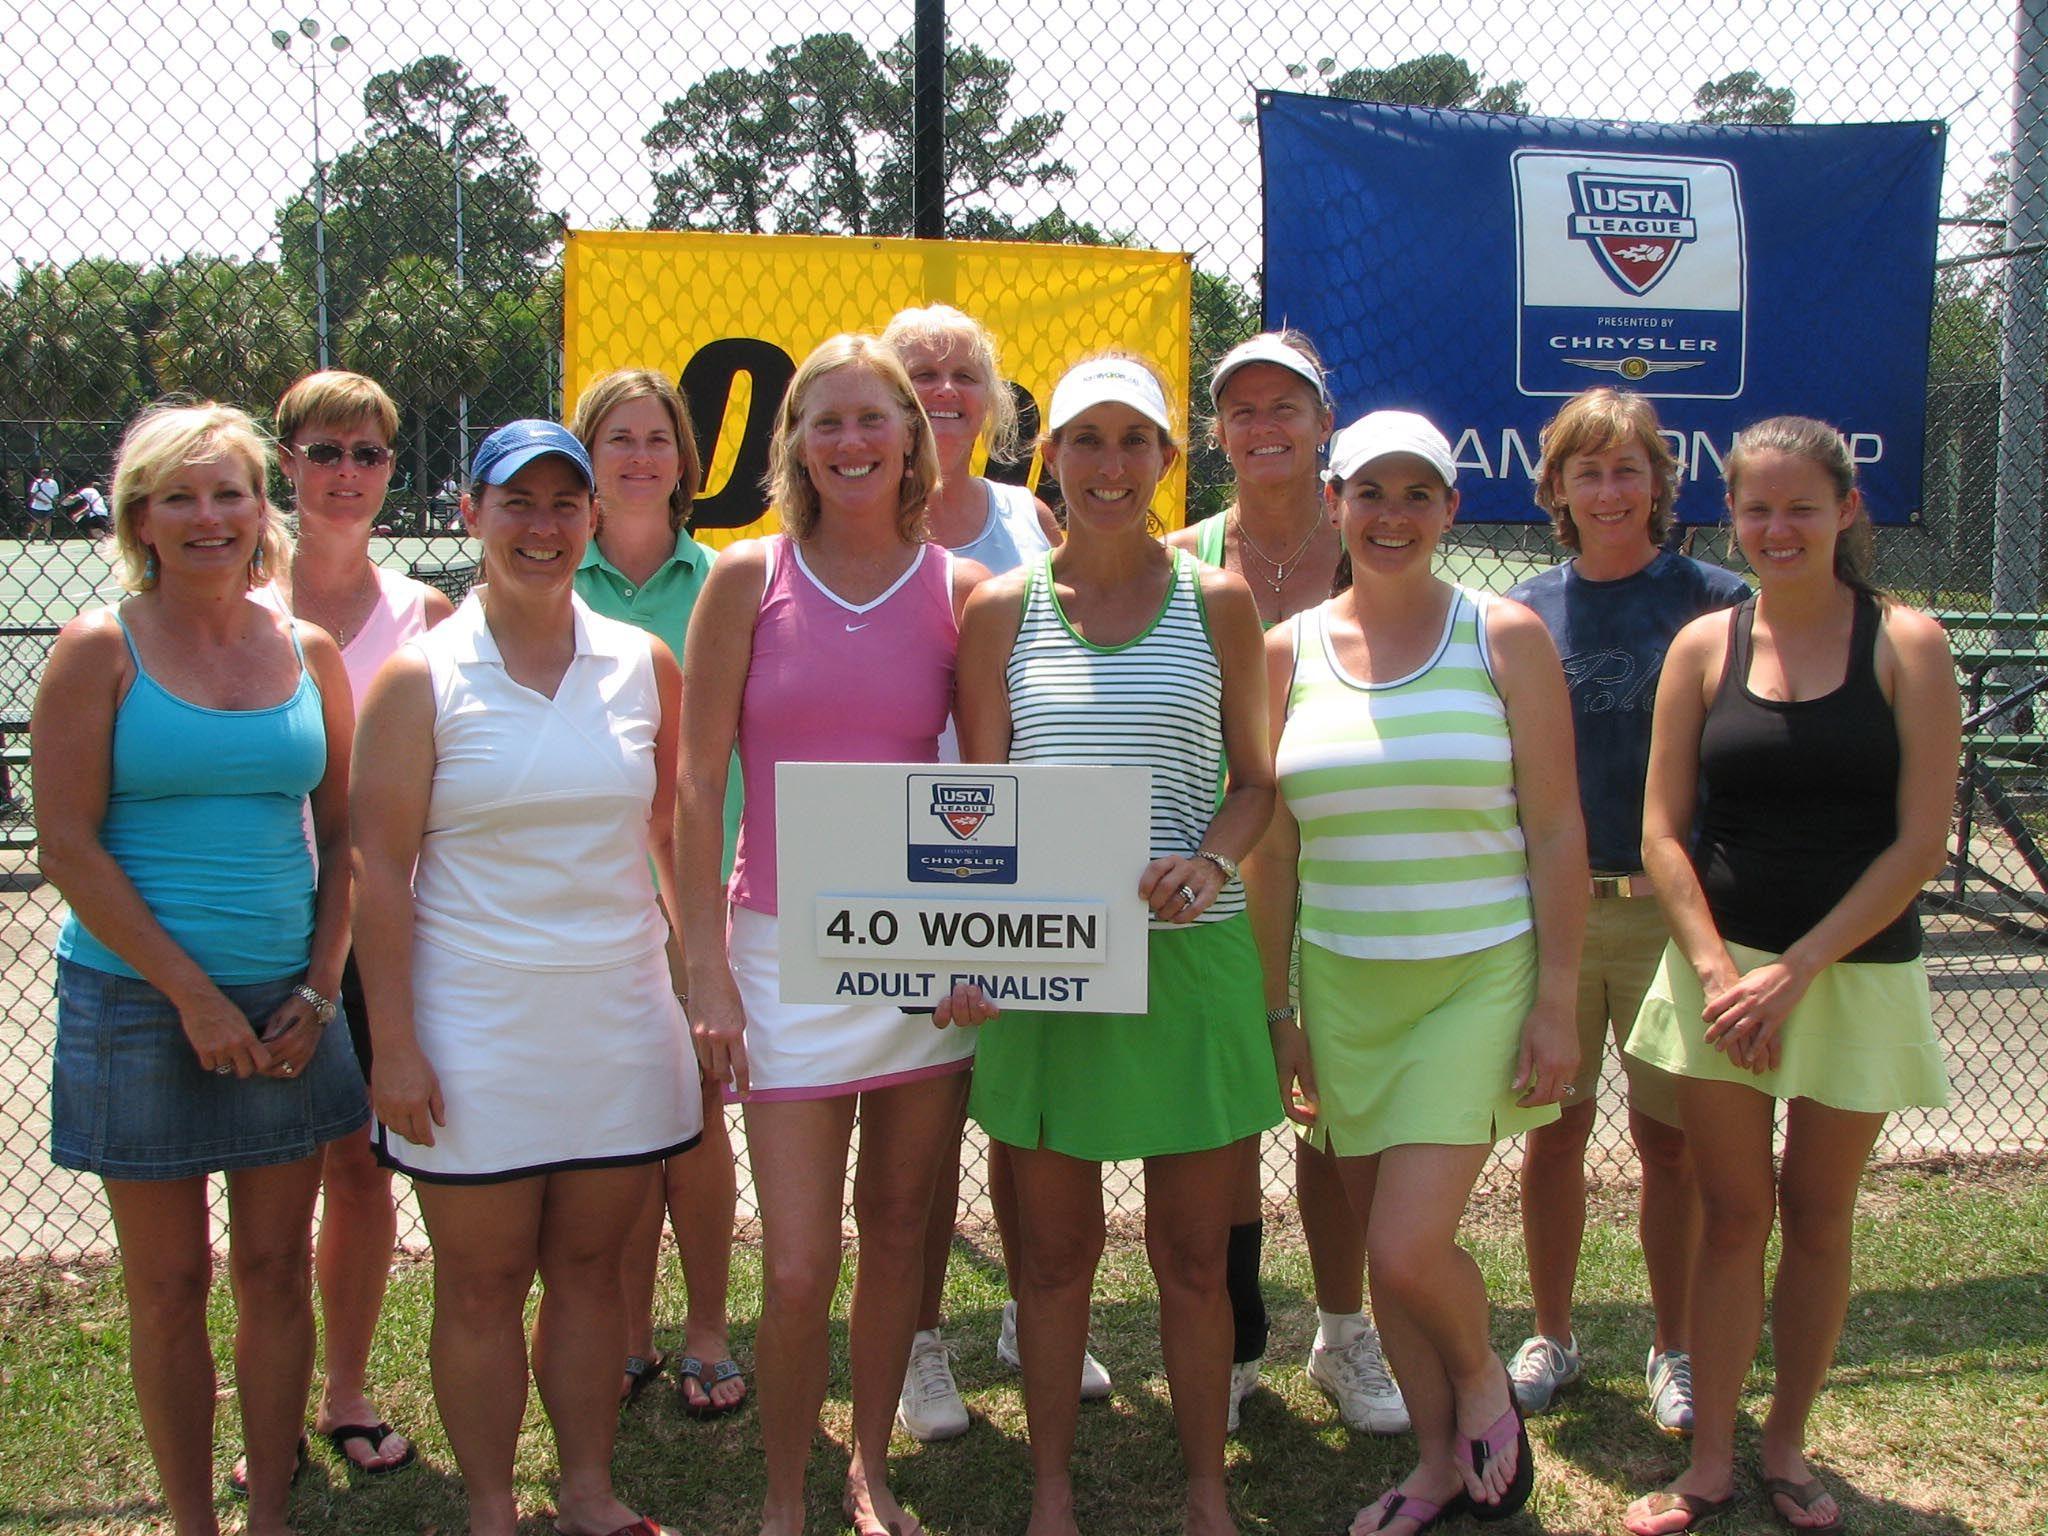 2007 4.0 Adult Women Finalist